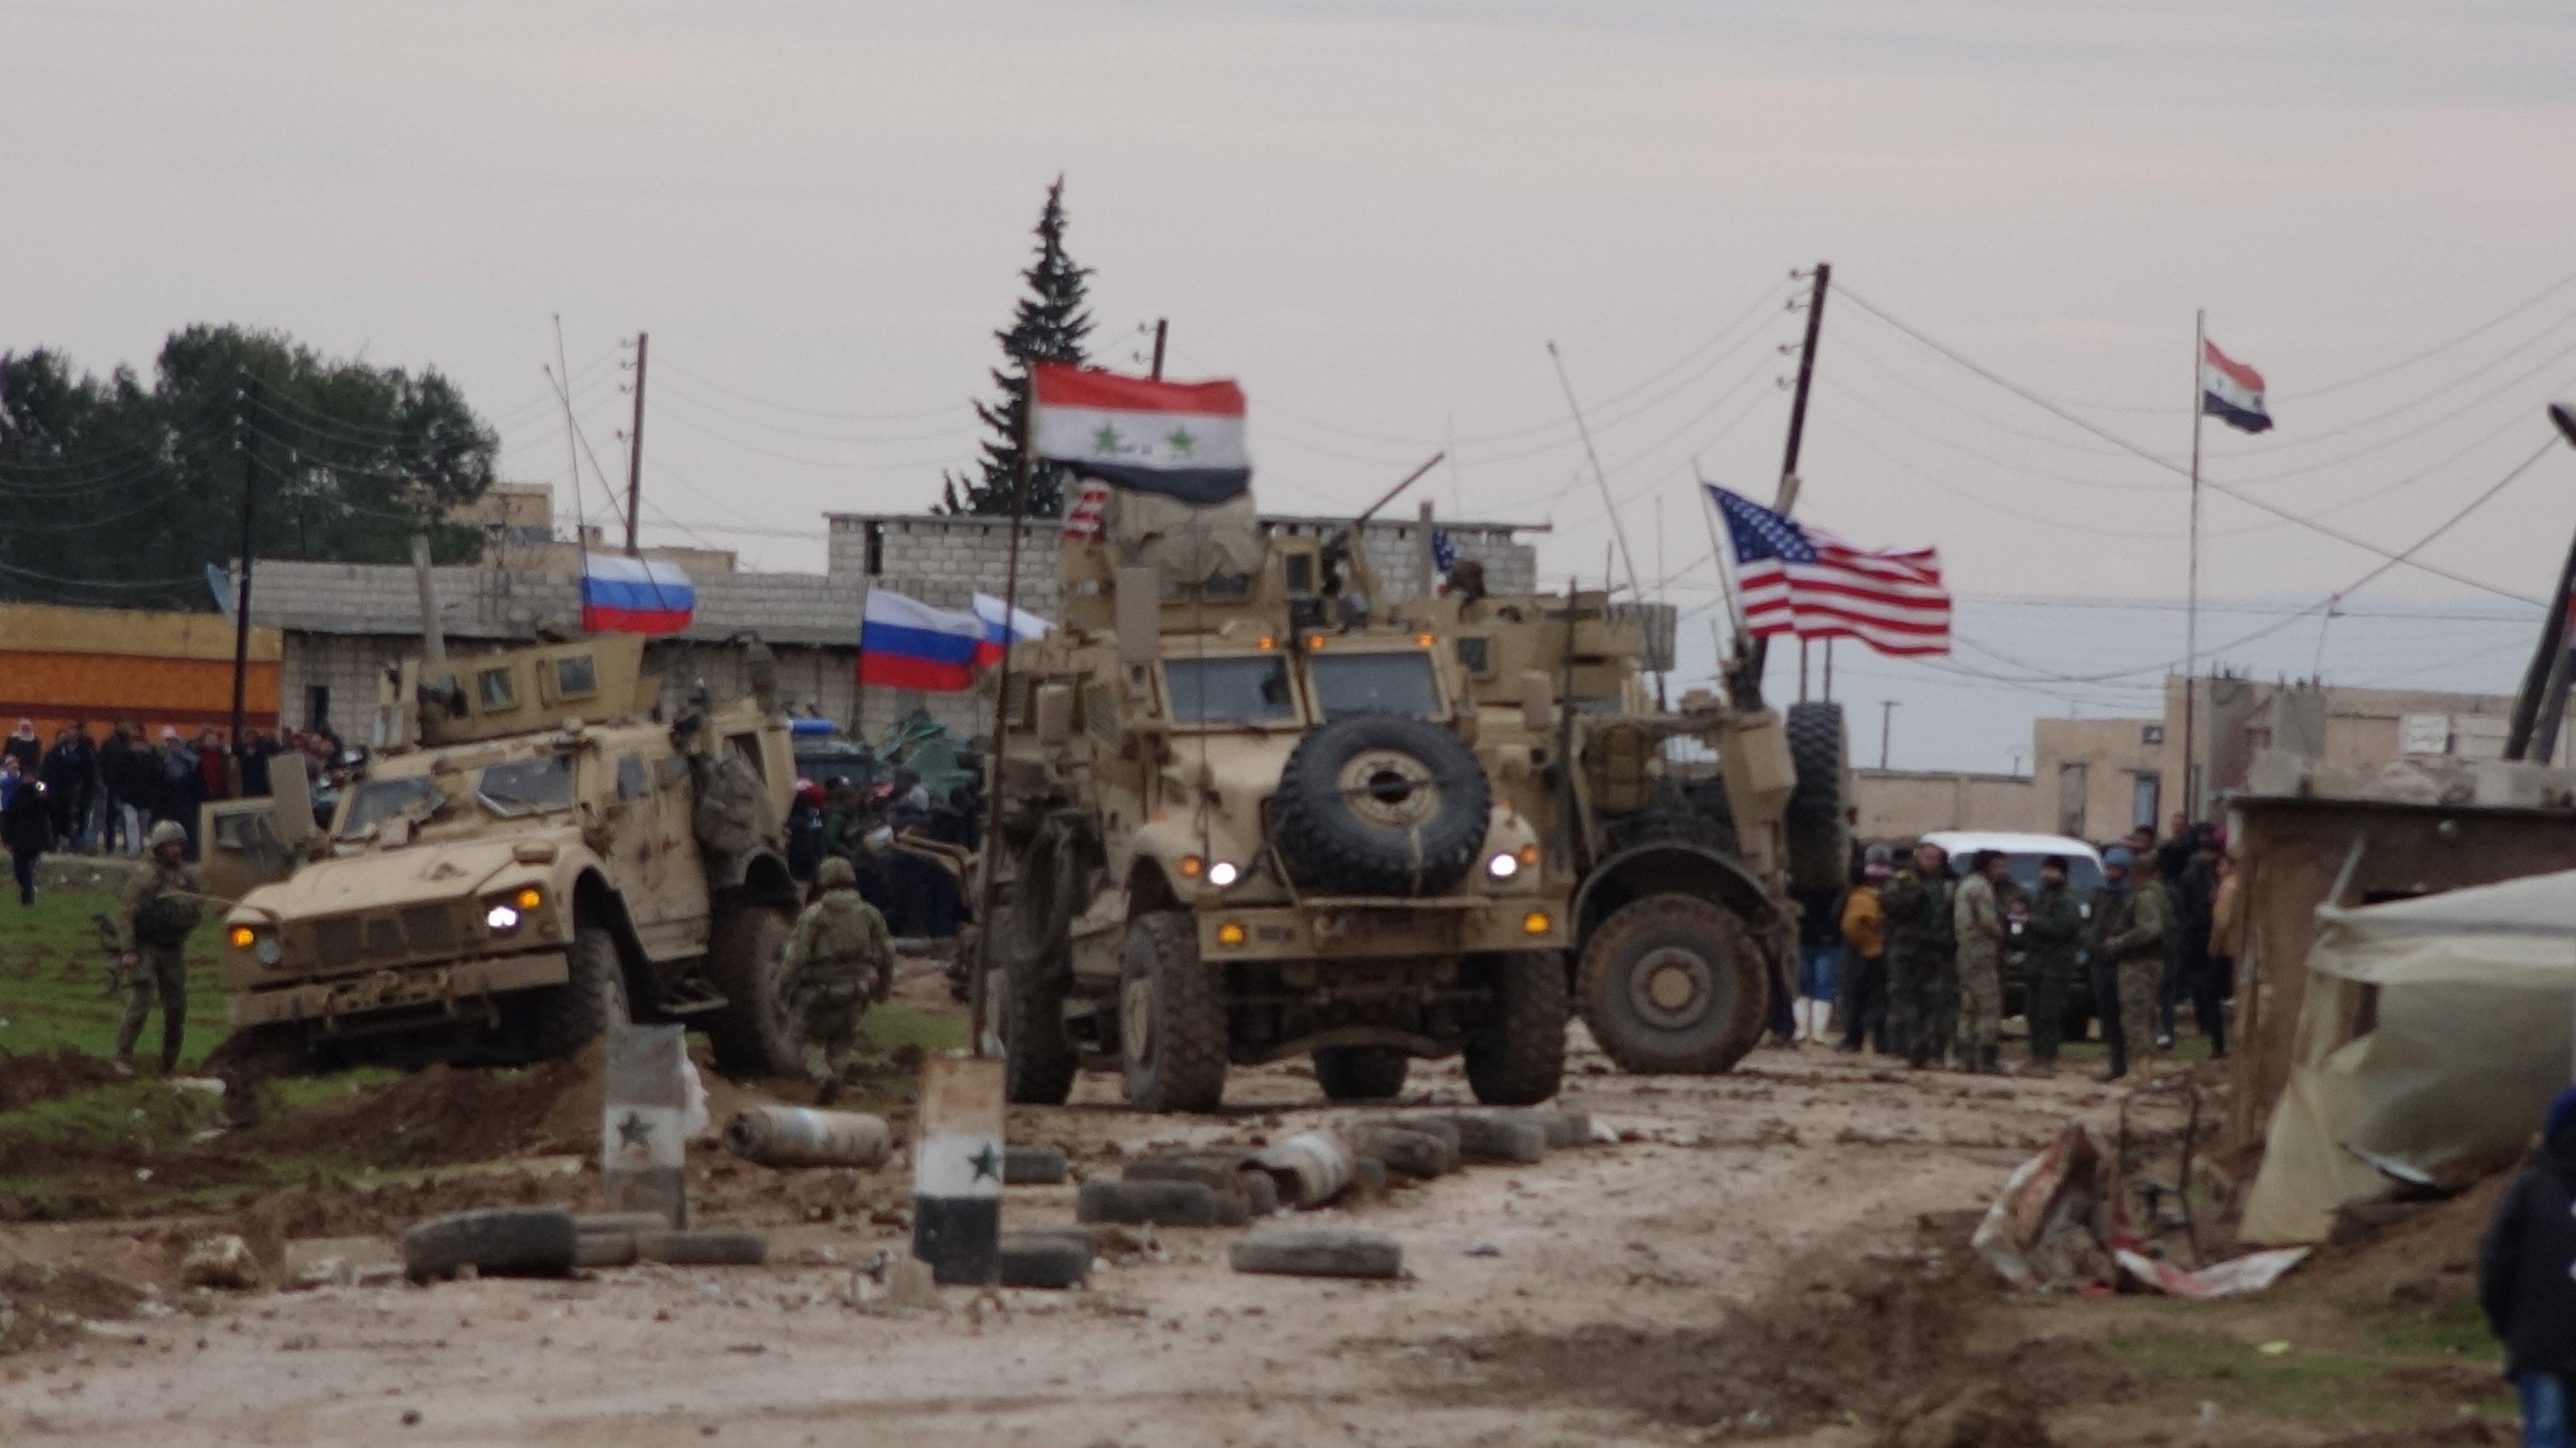 مقتل عنصر لميلشيات الأسد إثر اعتراضها دورية أميركية شرقي سوريا